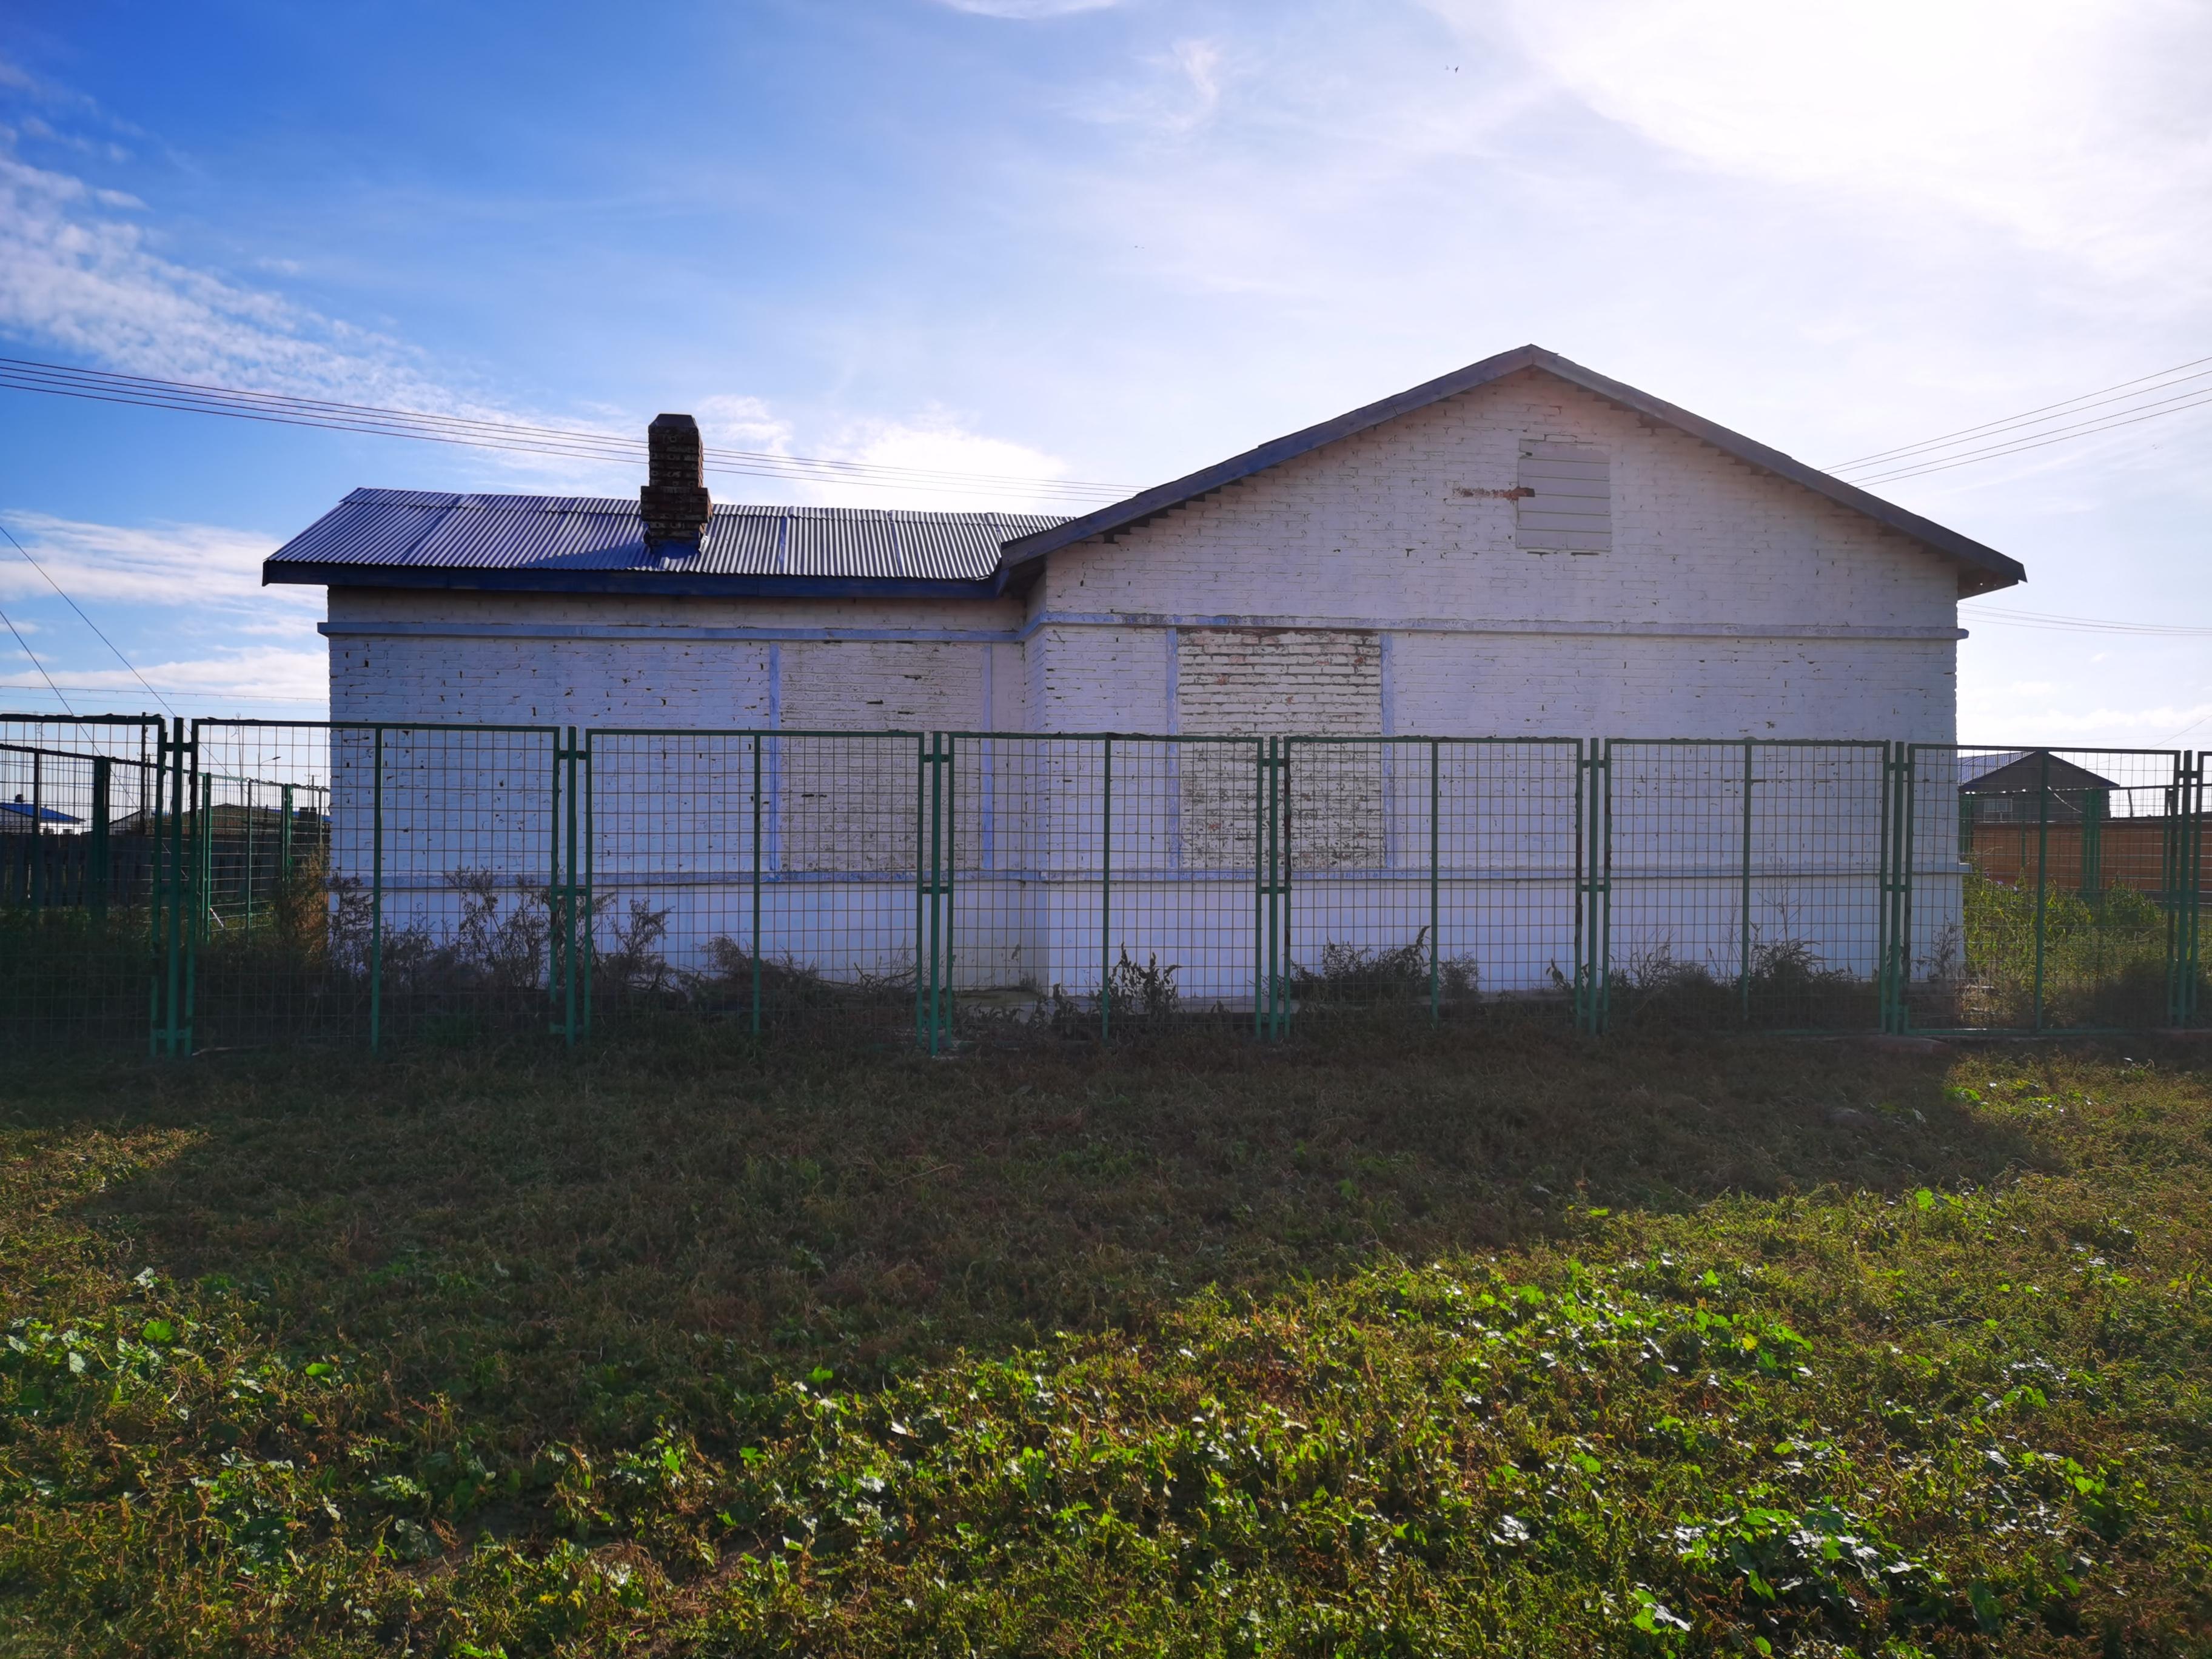 巴图孟和原来的家,这里也是他当年持刀捅杀同伴的现场。 本文图片除注明外,均为澎湃新闻记者朱远祥 图